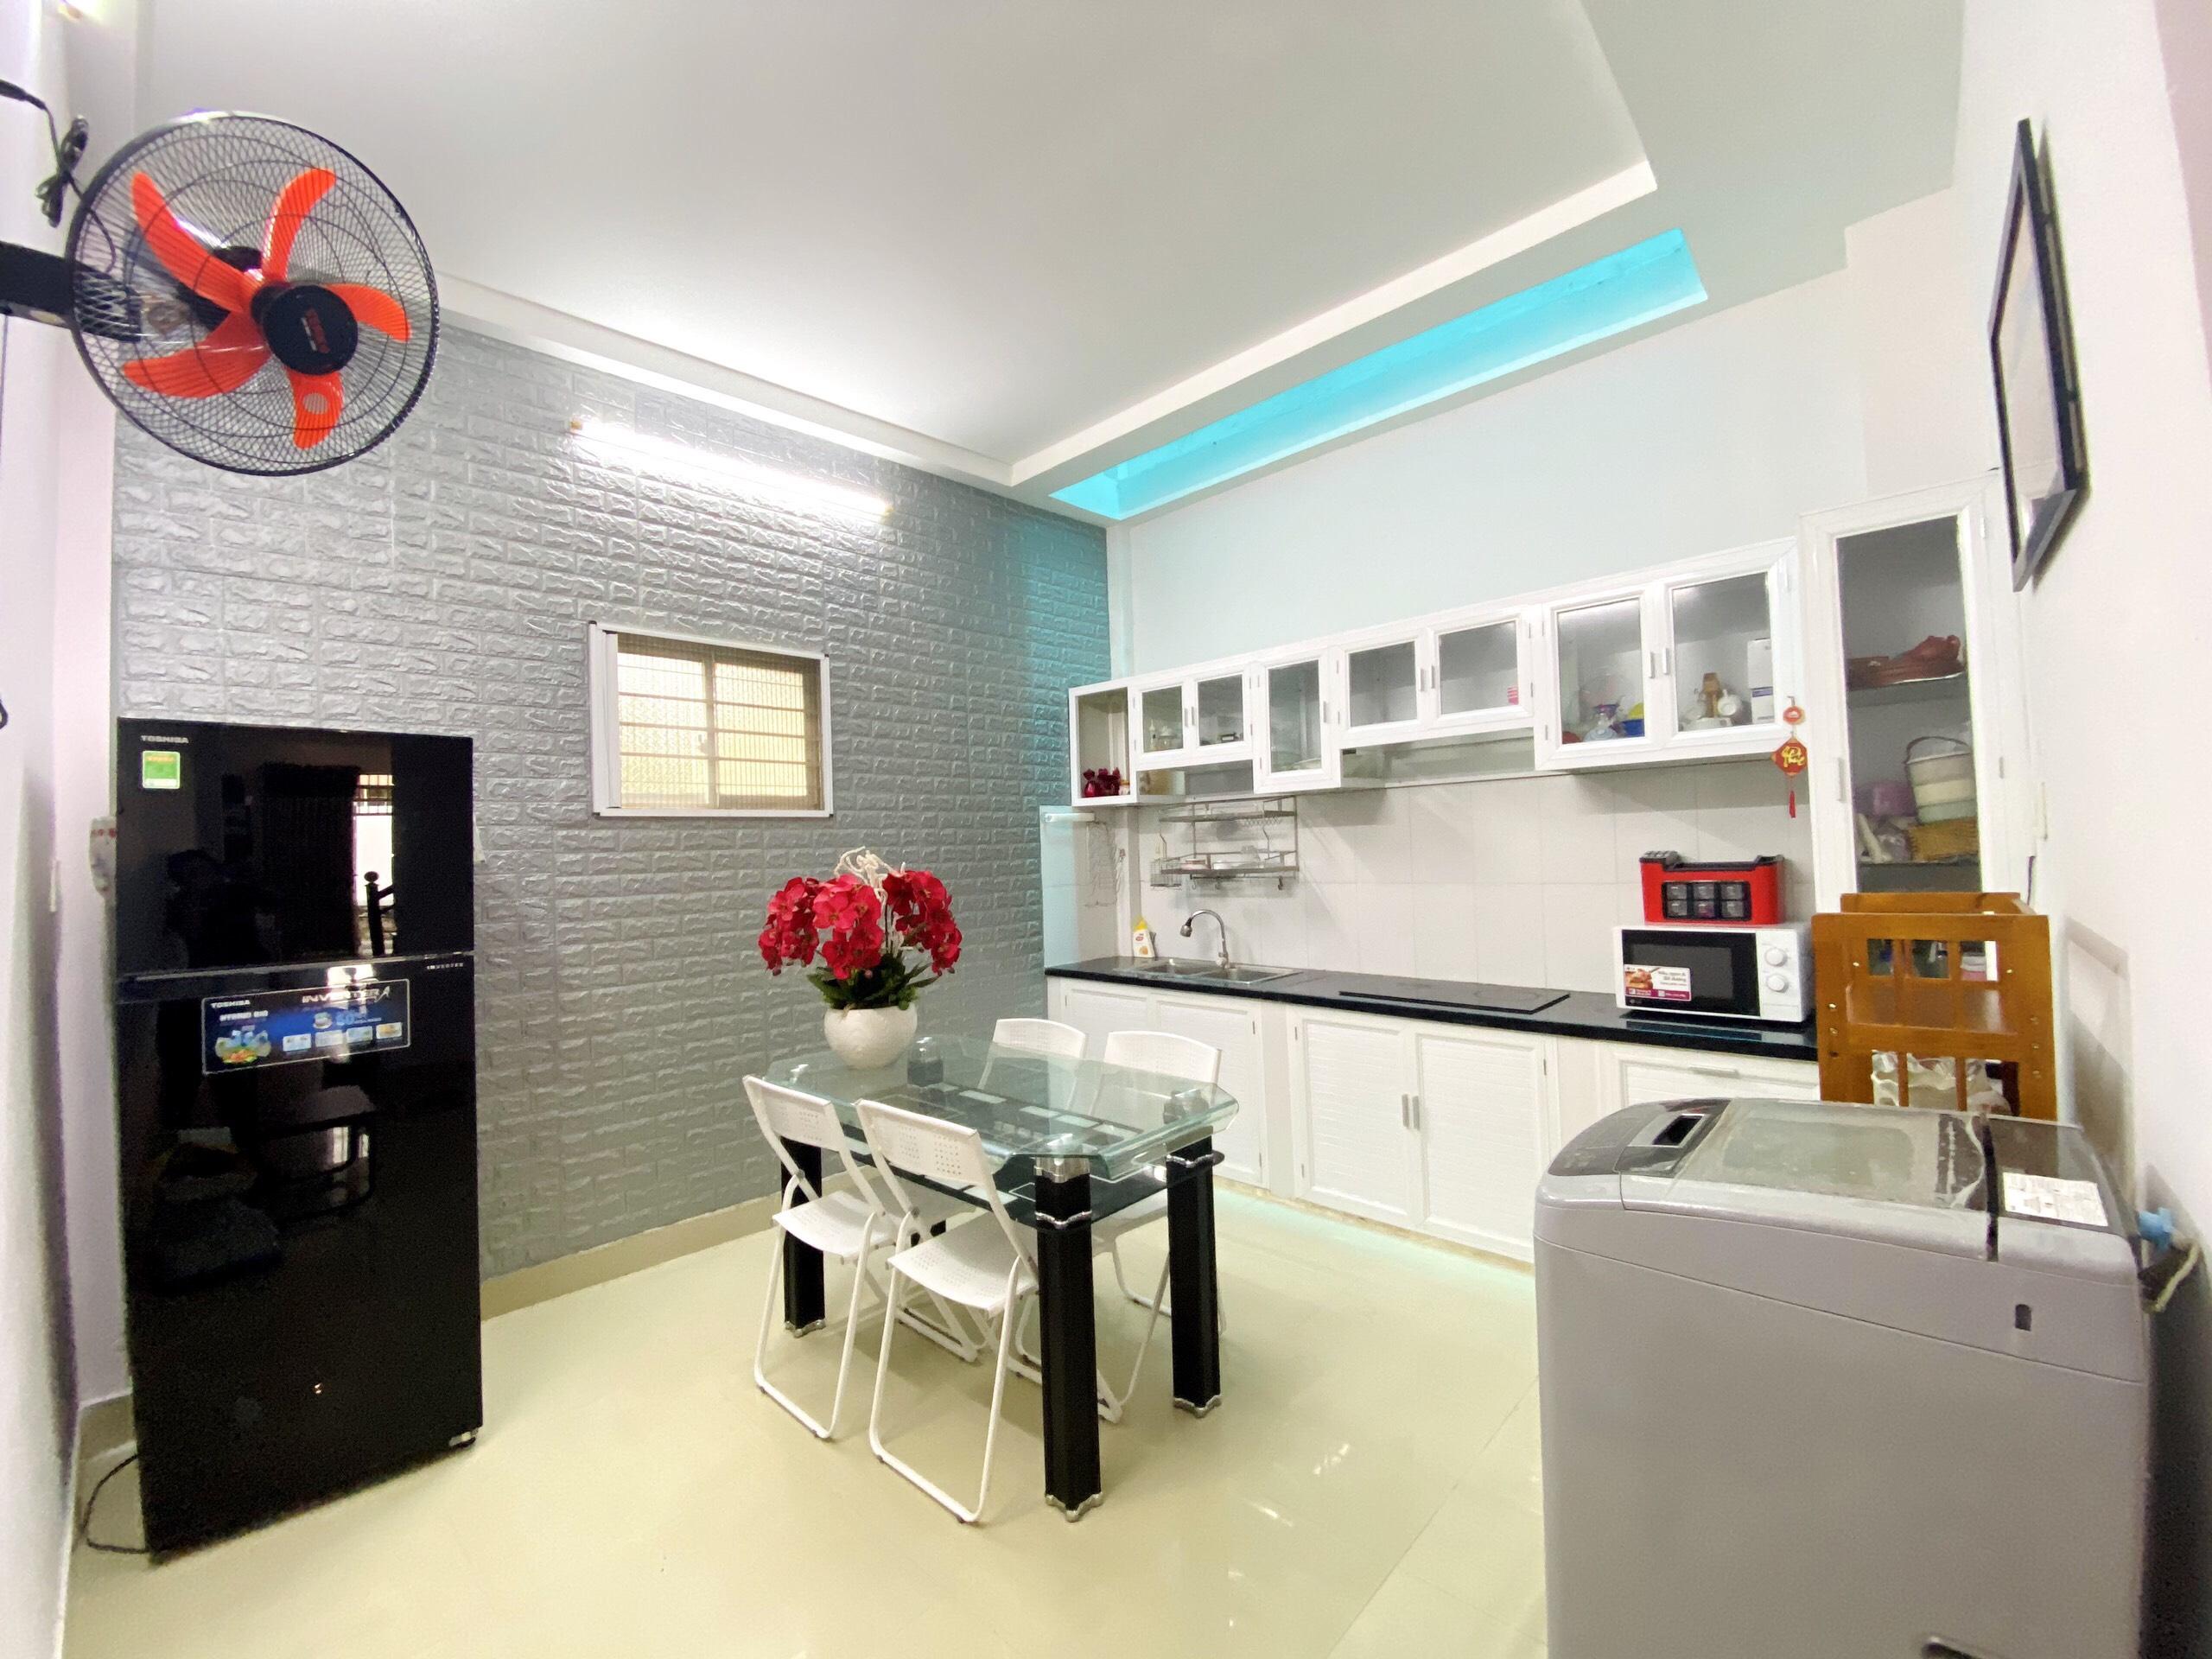 Cần bán nhà 2 tầng siêu đẹp hẻm Lương Định Của, Ngọc Hiệp, Nha Trang